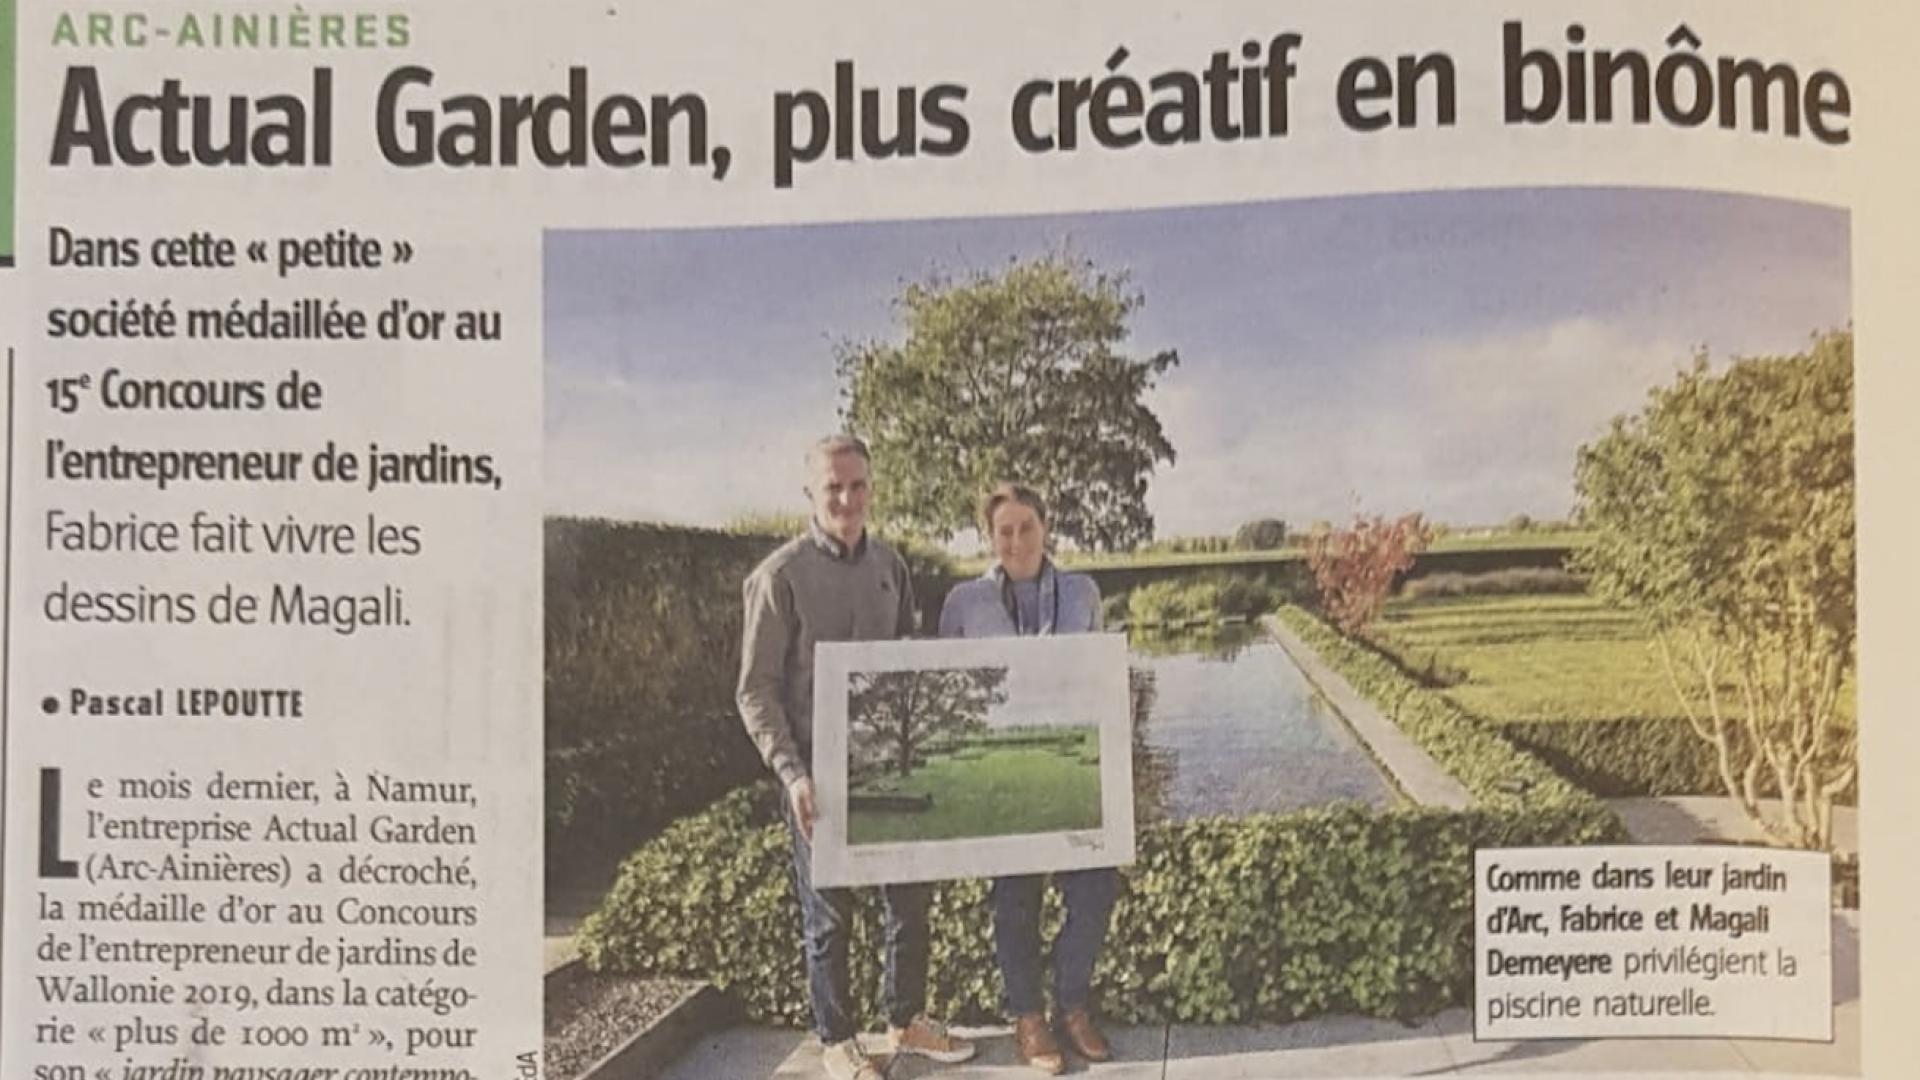 Parution dans l'avenir : Actual Garden, plus créatif en binôme.